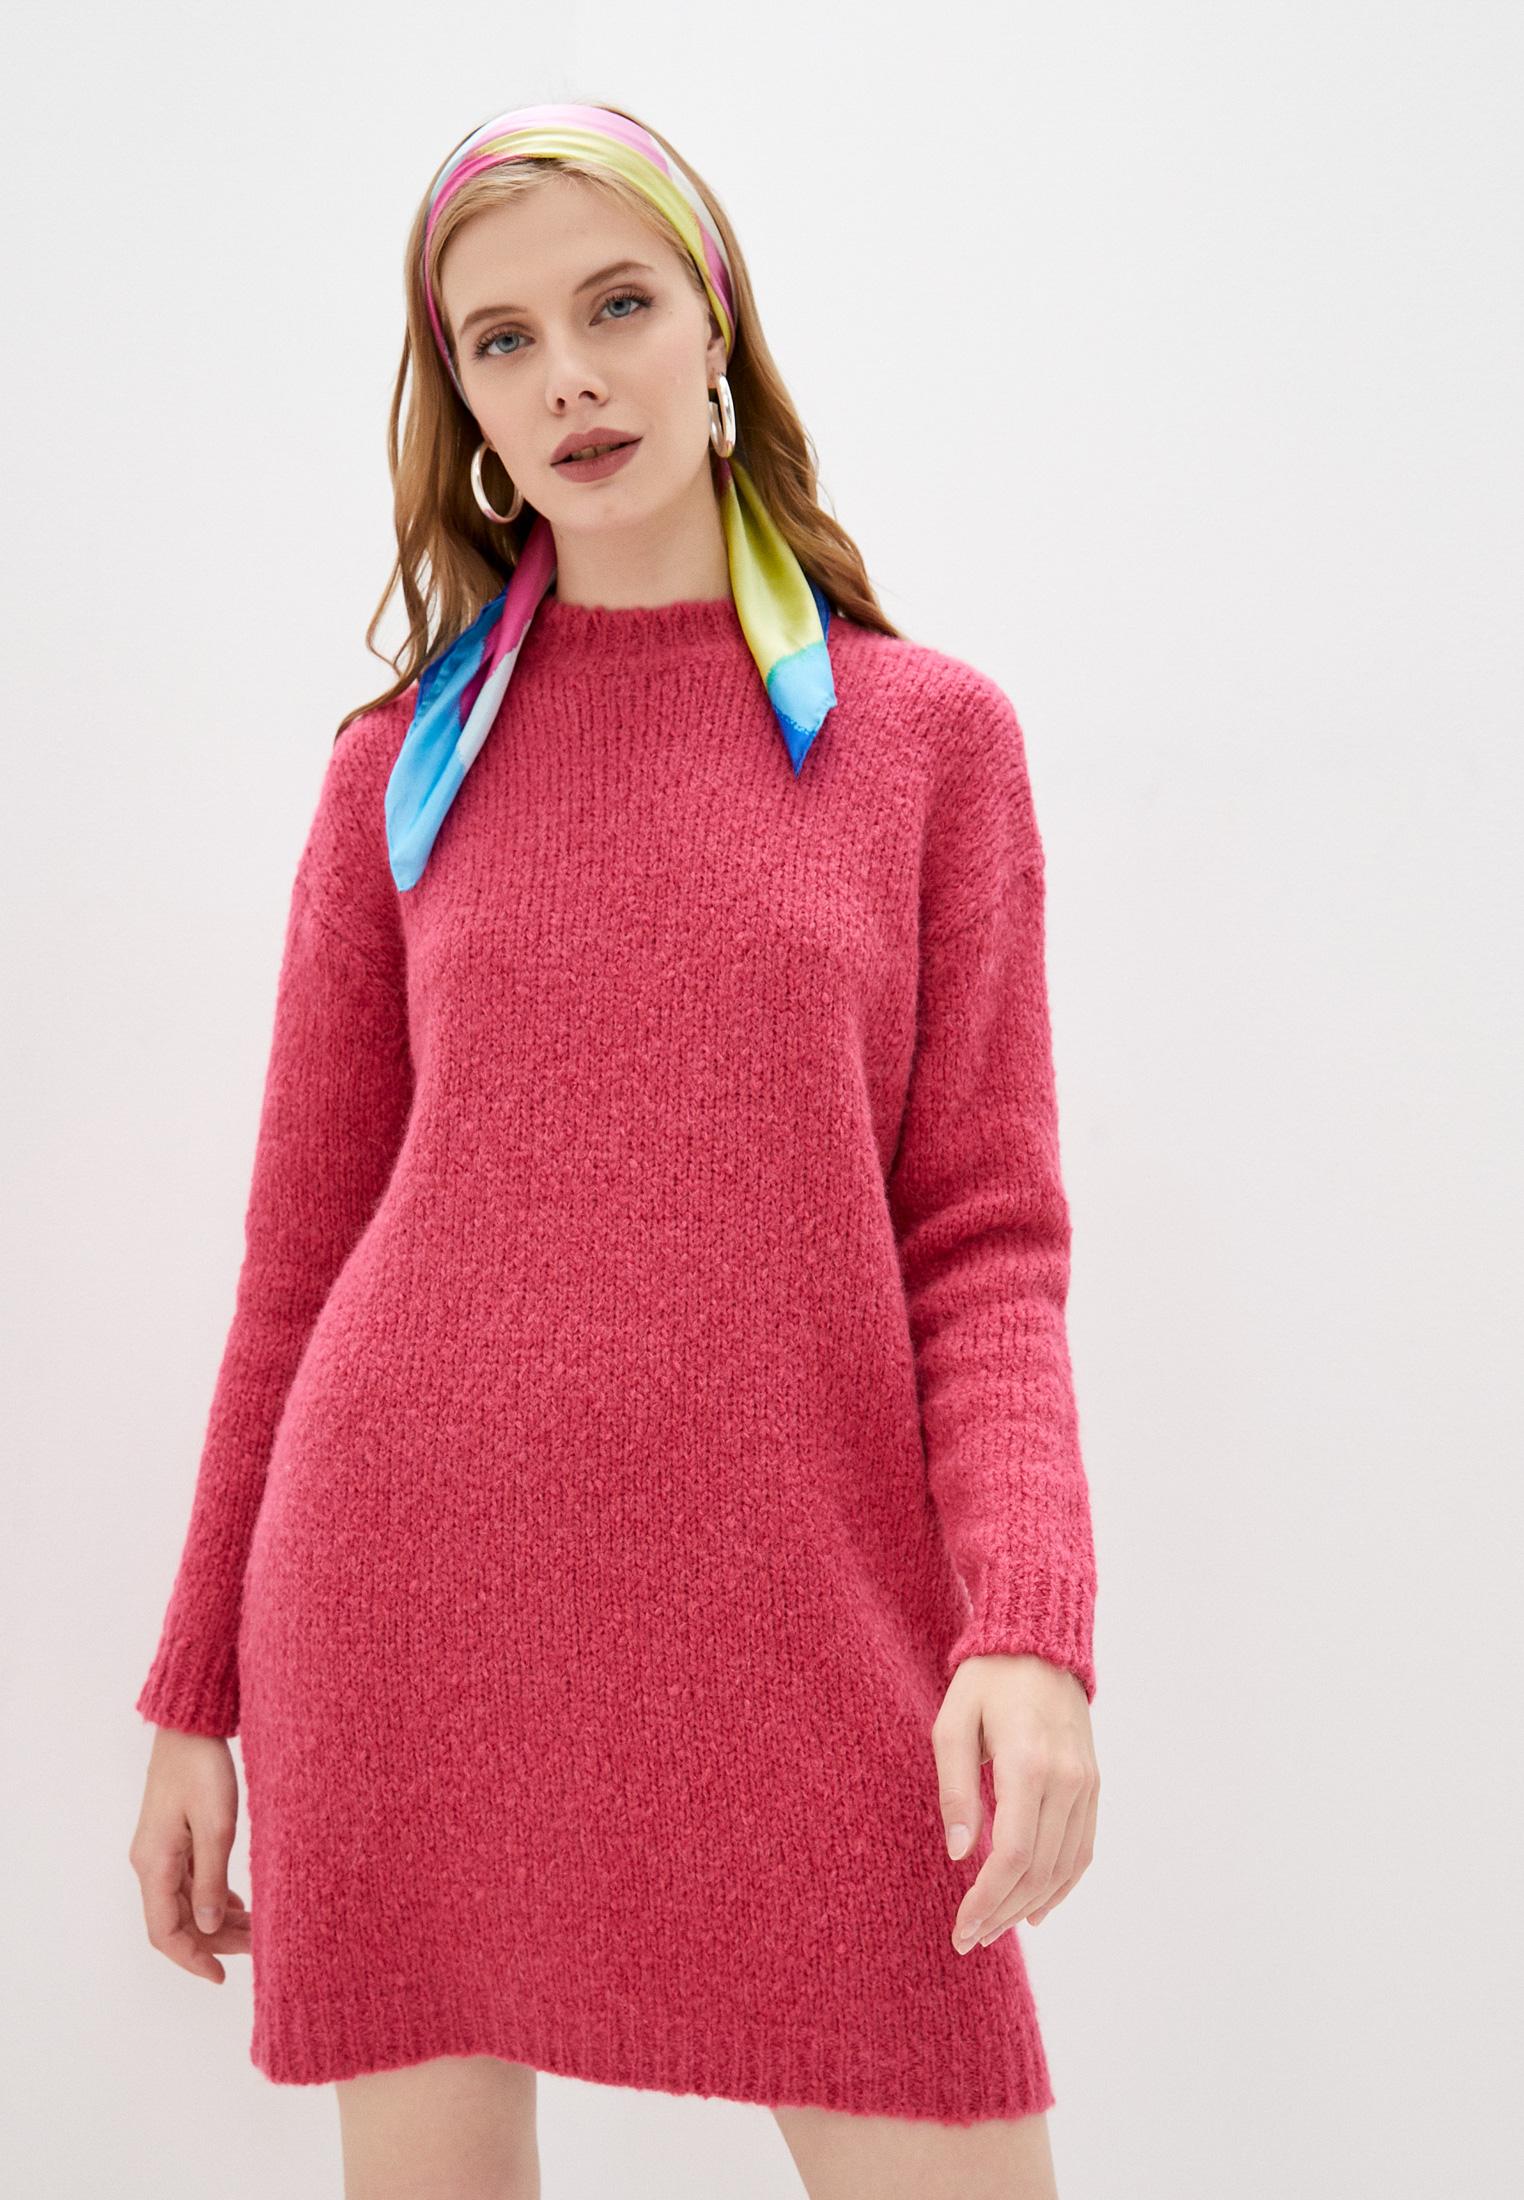 Вязаное платье Pennyblack (Пенни Блэк) Платье Pennyblack